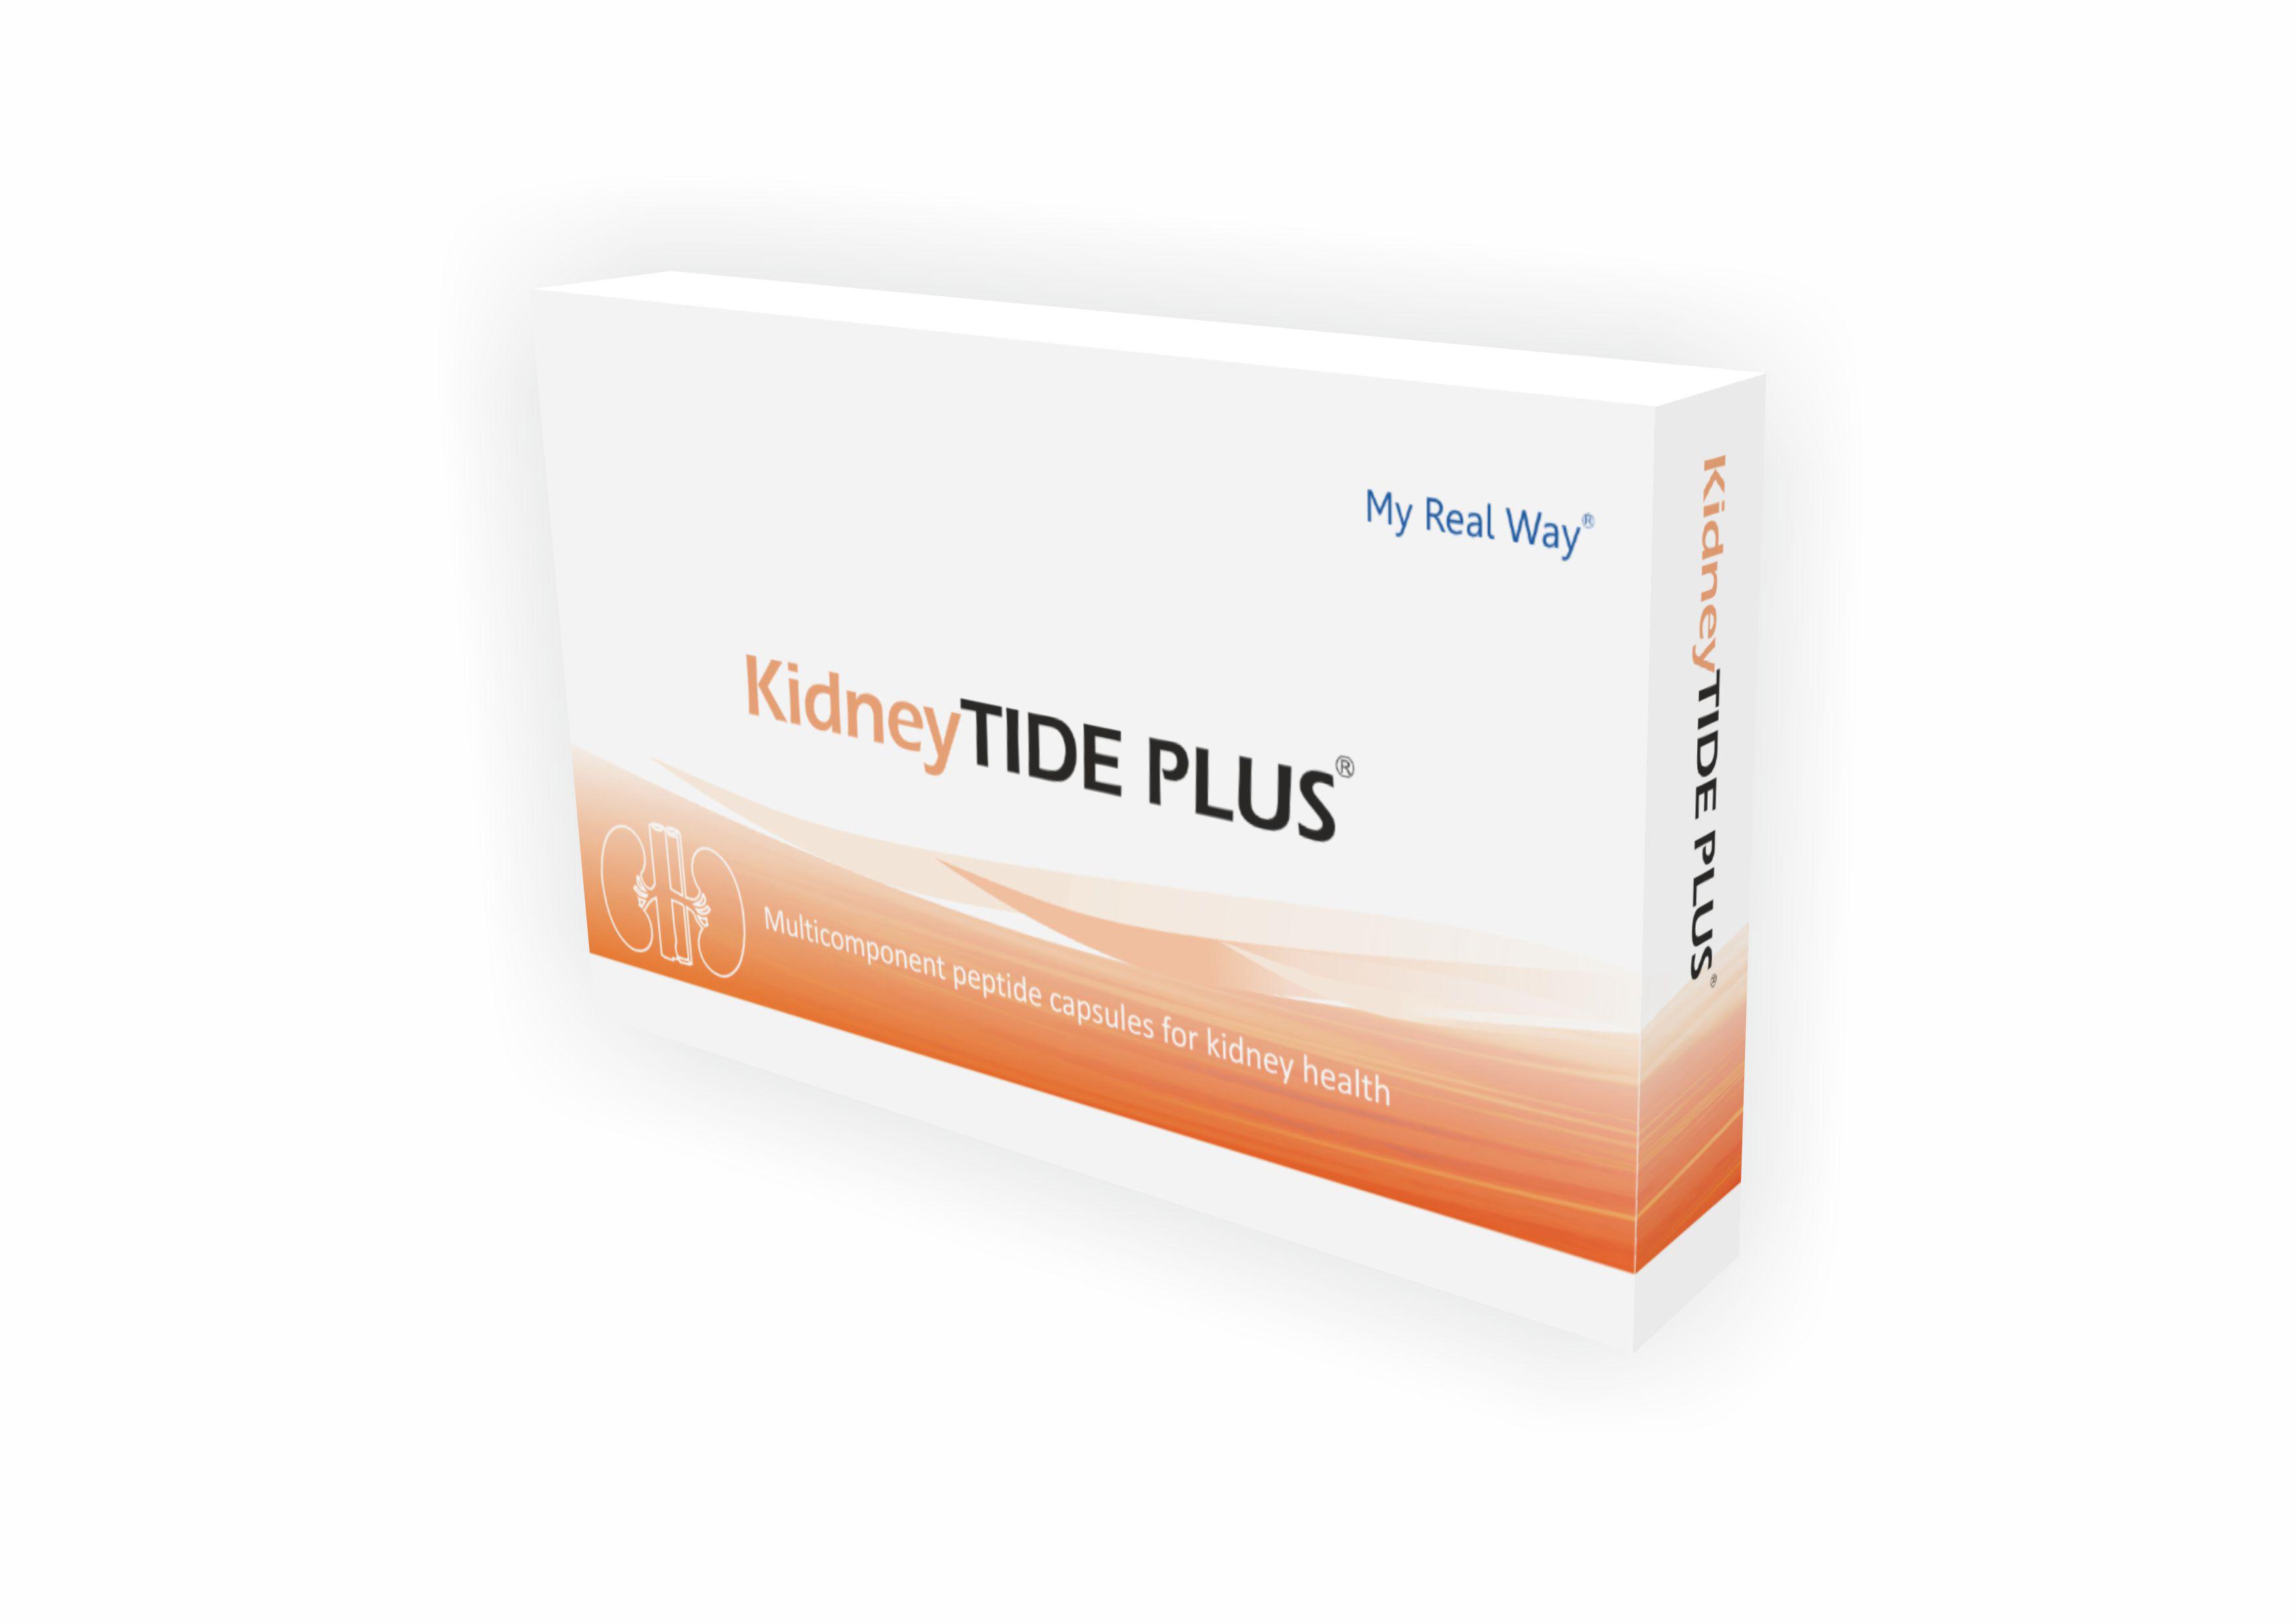 KidneyTIDE PLUS